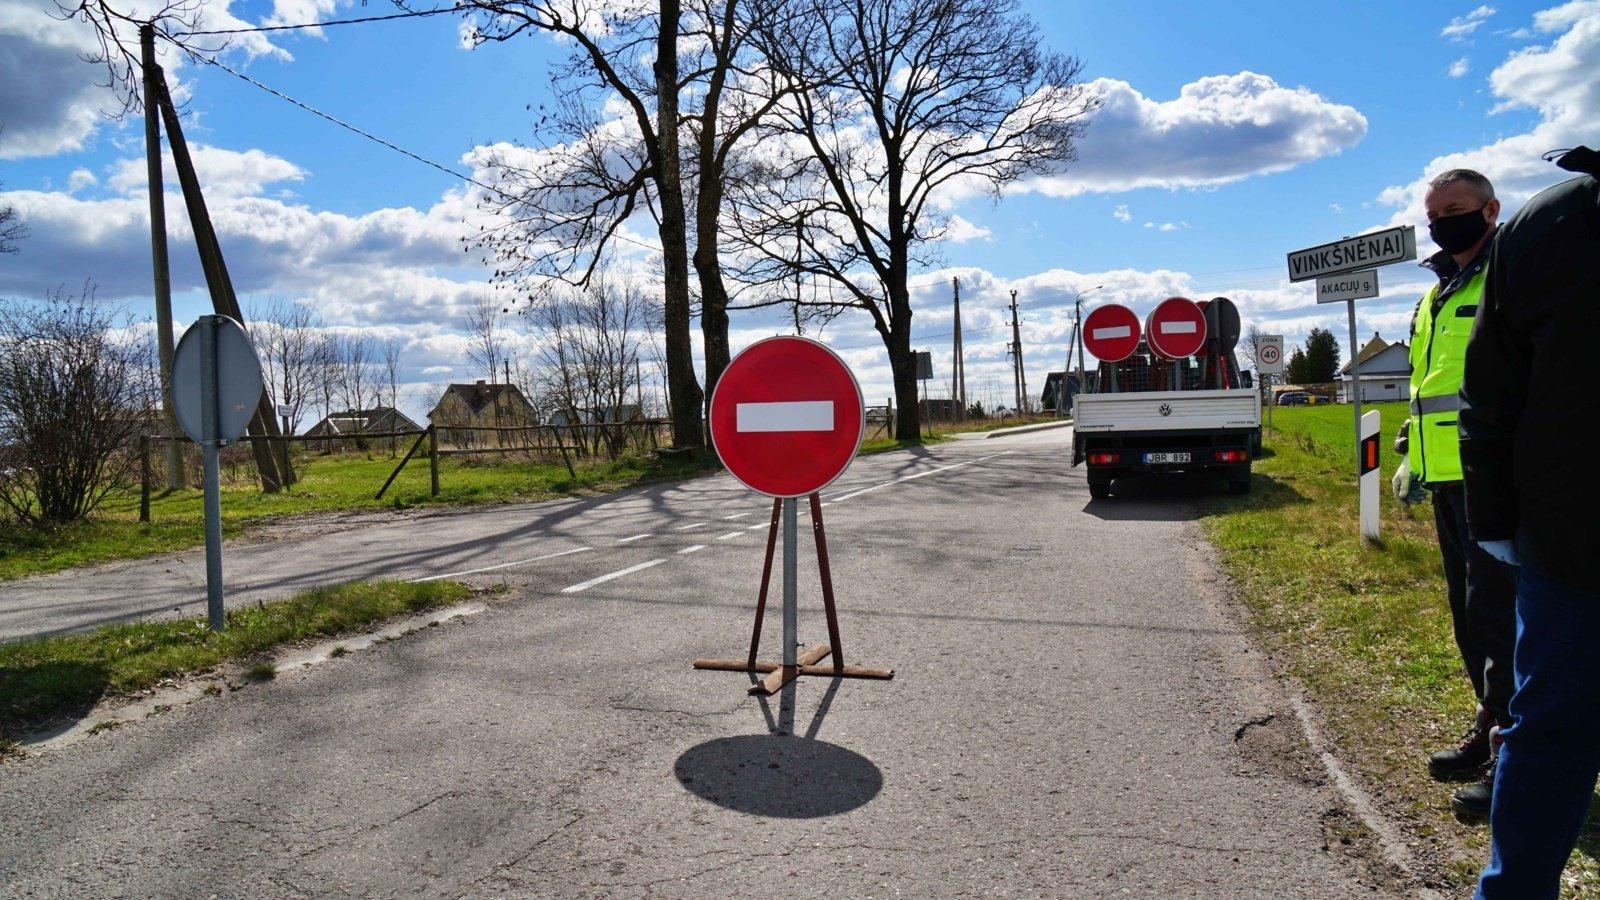 Lietuvos miestai rengiasi eismo ribojimui: ką reikia žinoti?